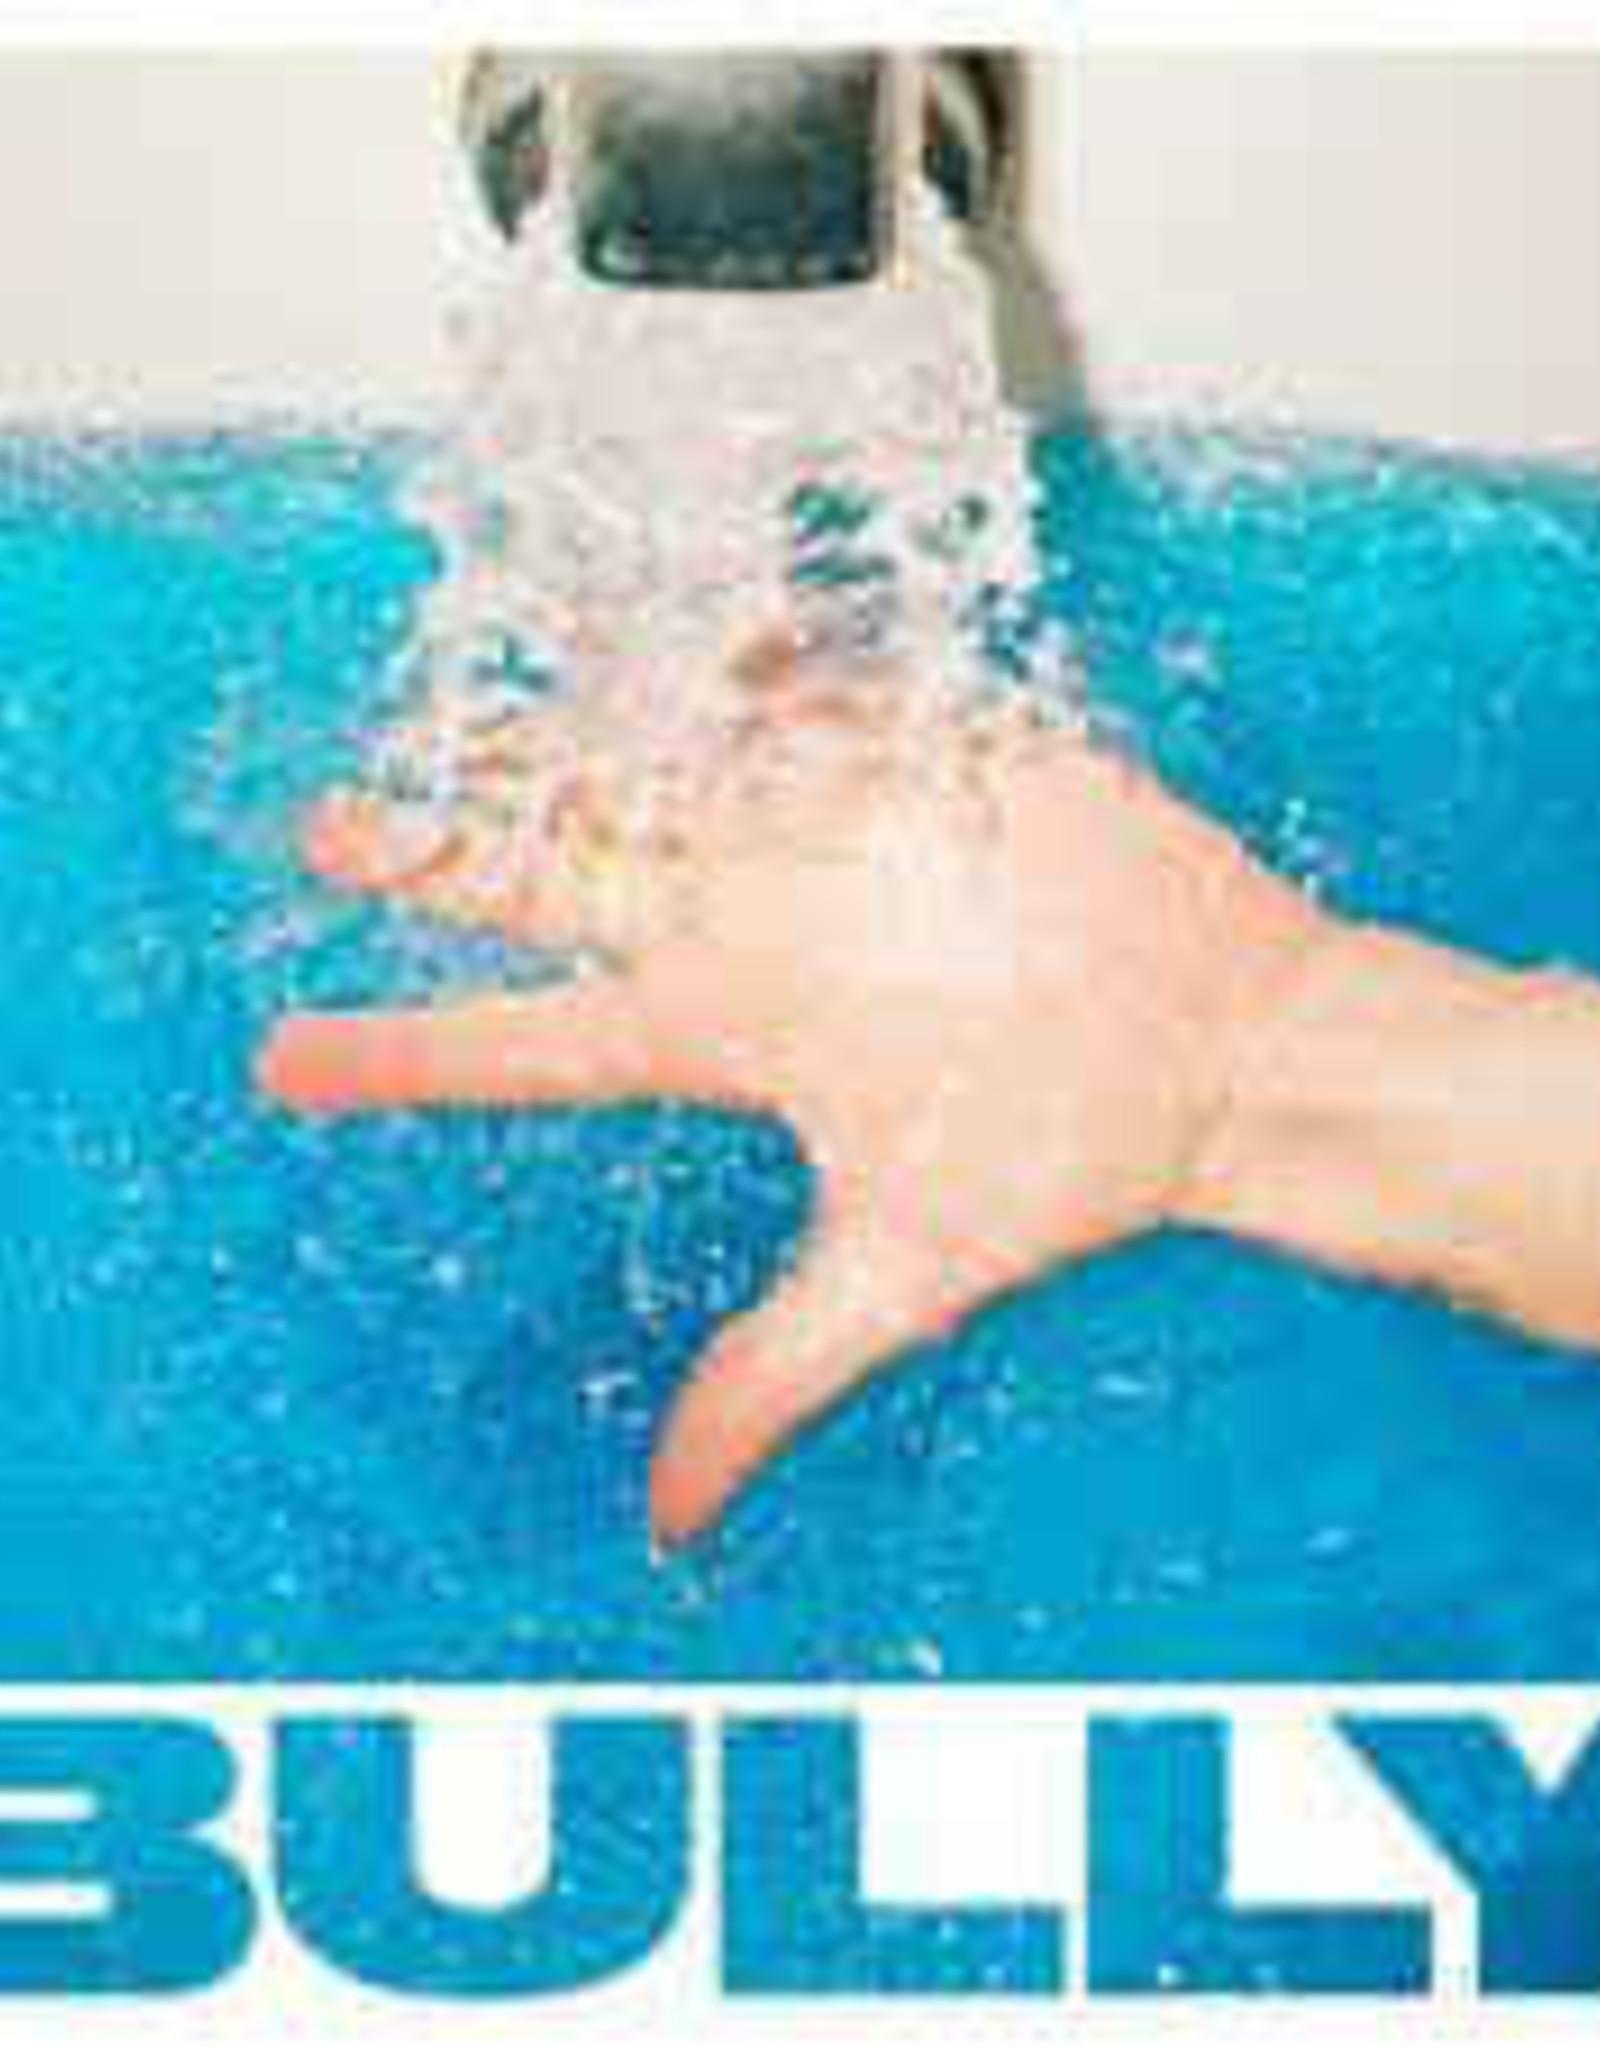 Bully/SUGAREGG